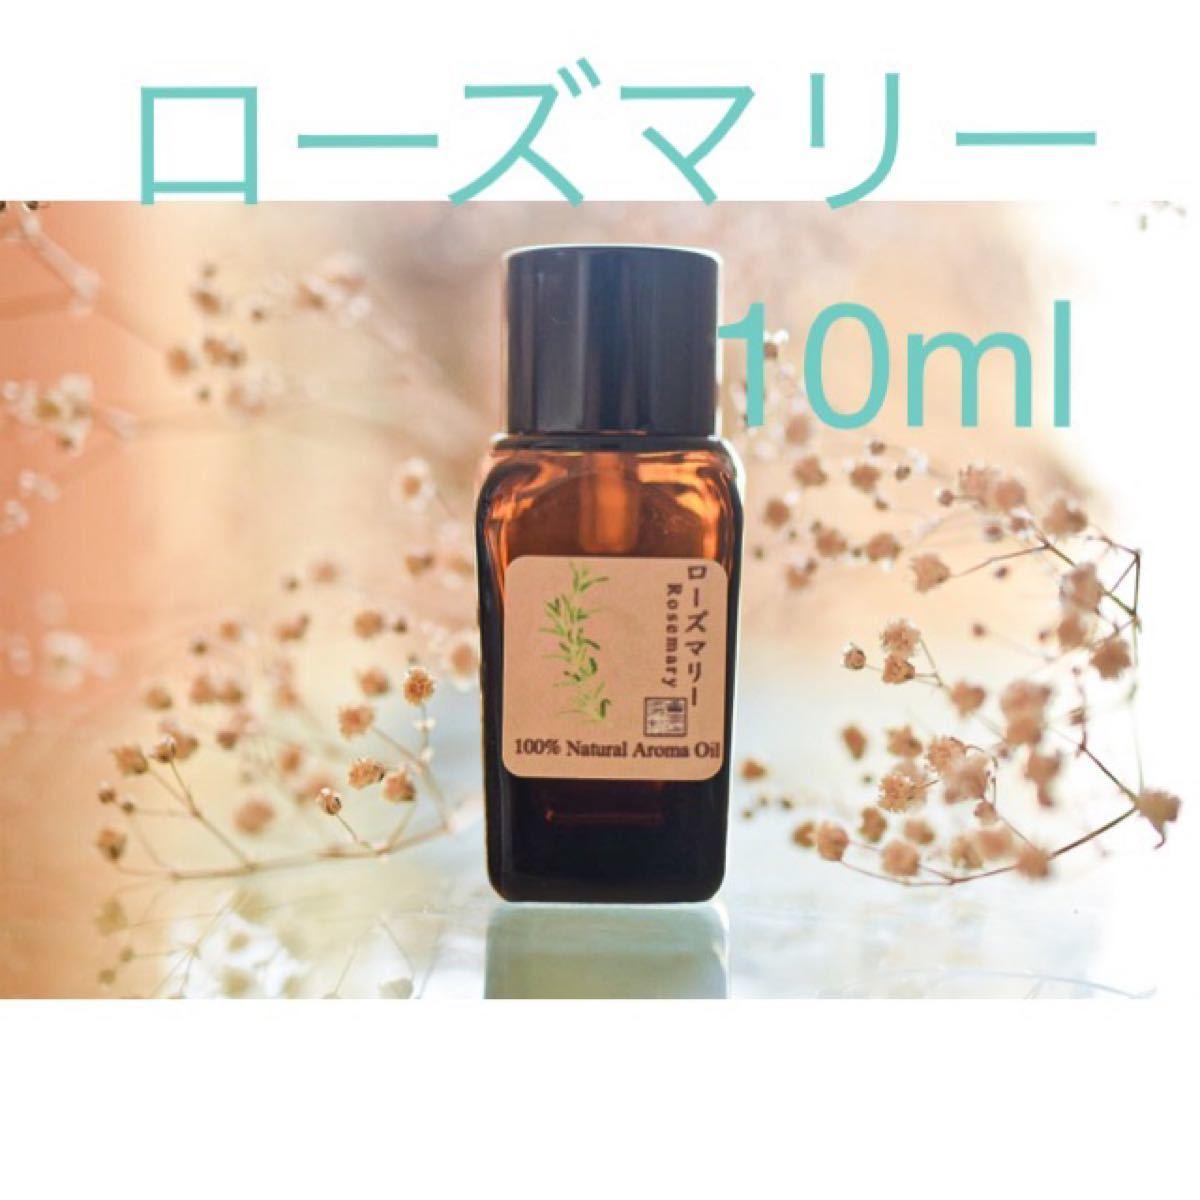 ローズマリー ユーカリ シトロネラ10ml  アロマ用精油 エッセンシャルオイル